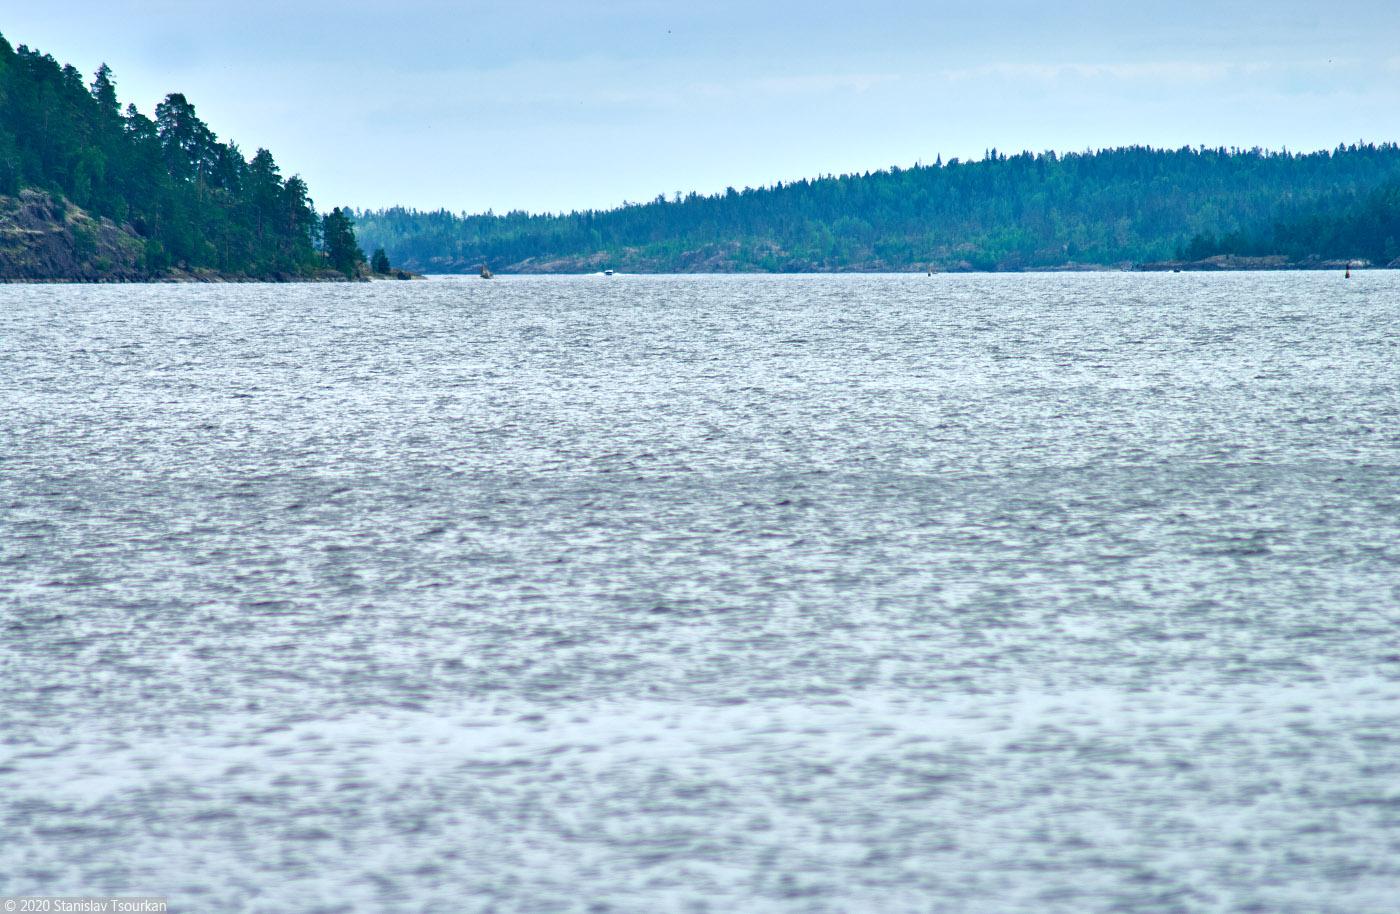 Лахденпохья, Карелия, республика Карелия, Ладожское озеро